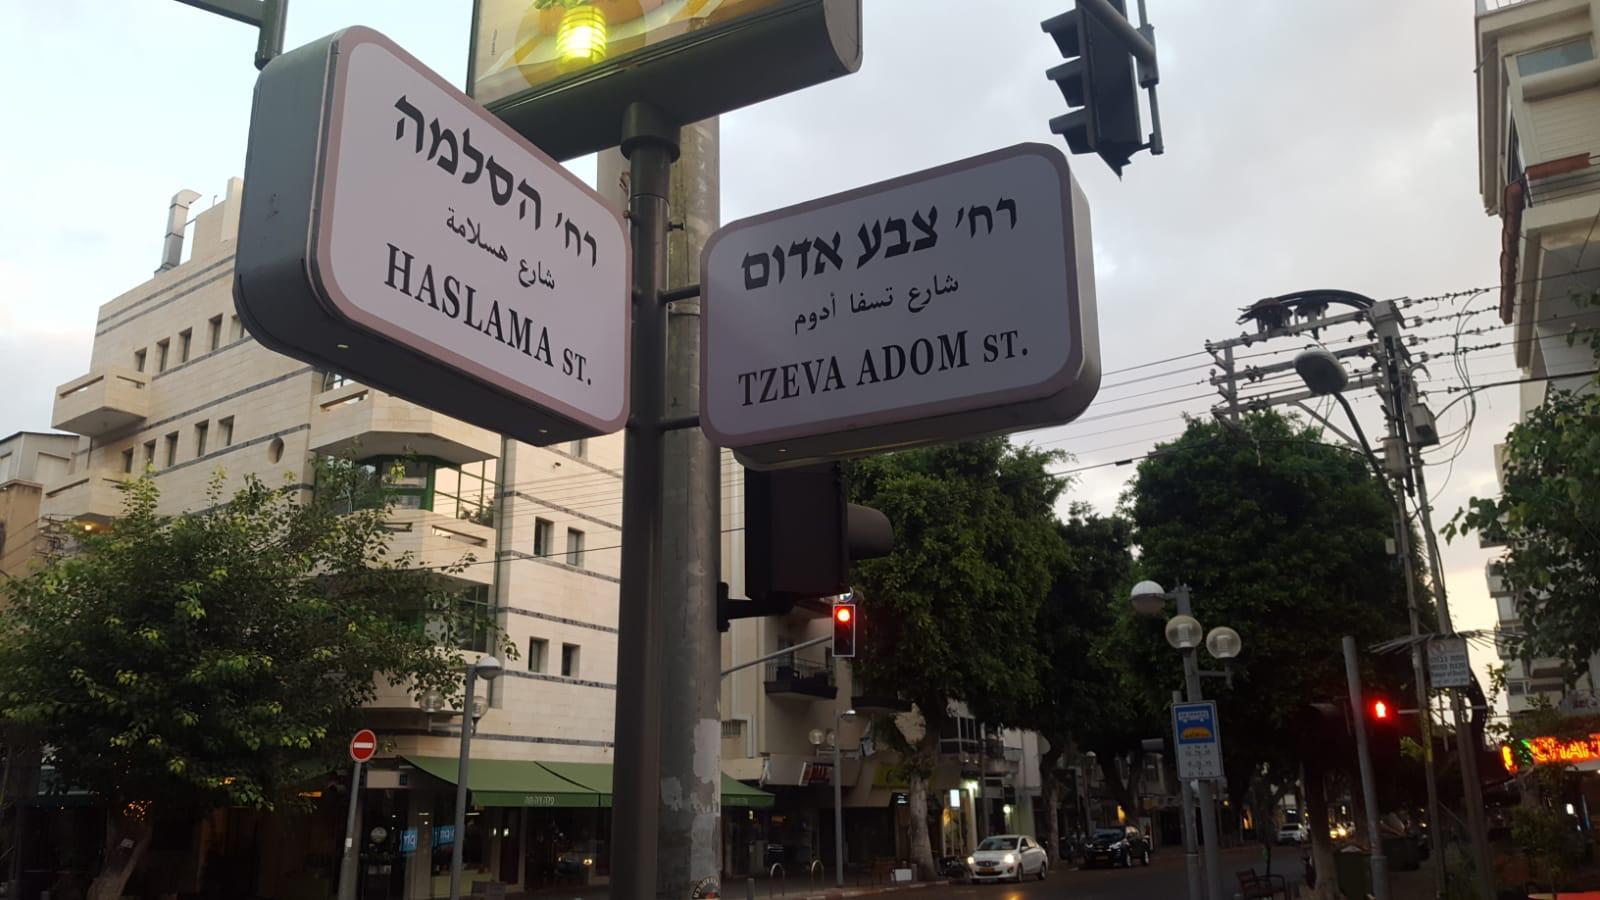 Des israéliens en colère remplacent le noms des rues de Tel-Aviv par des lieux où les palestiniens ont perpétré des d'attentats